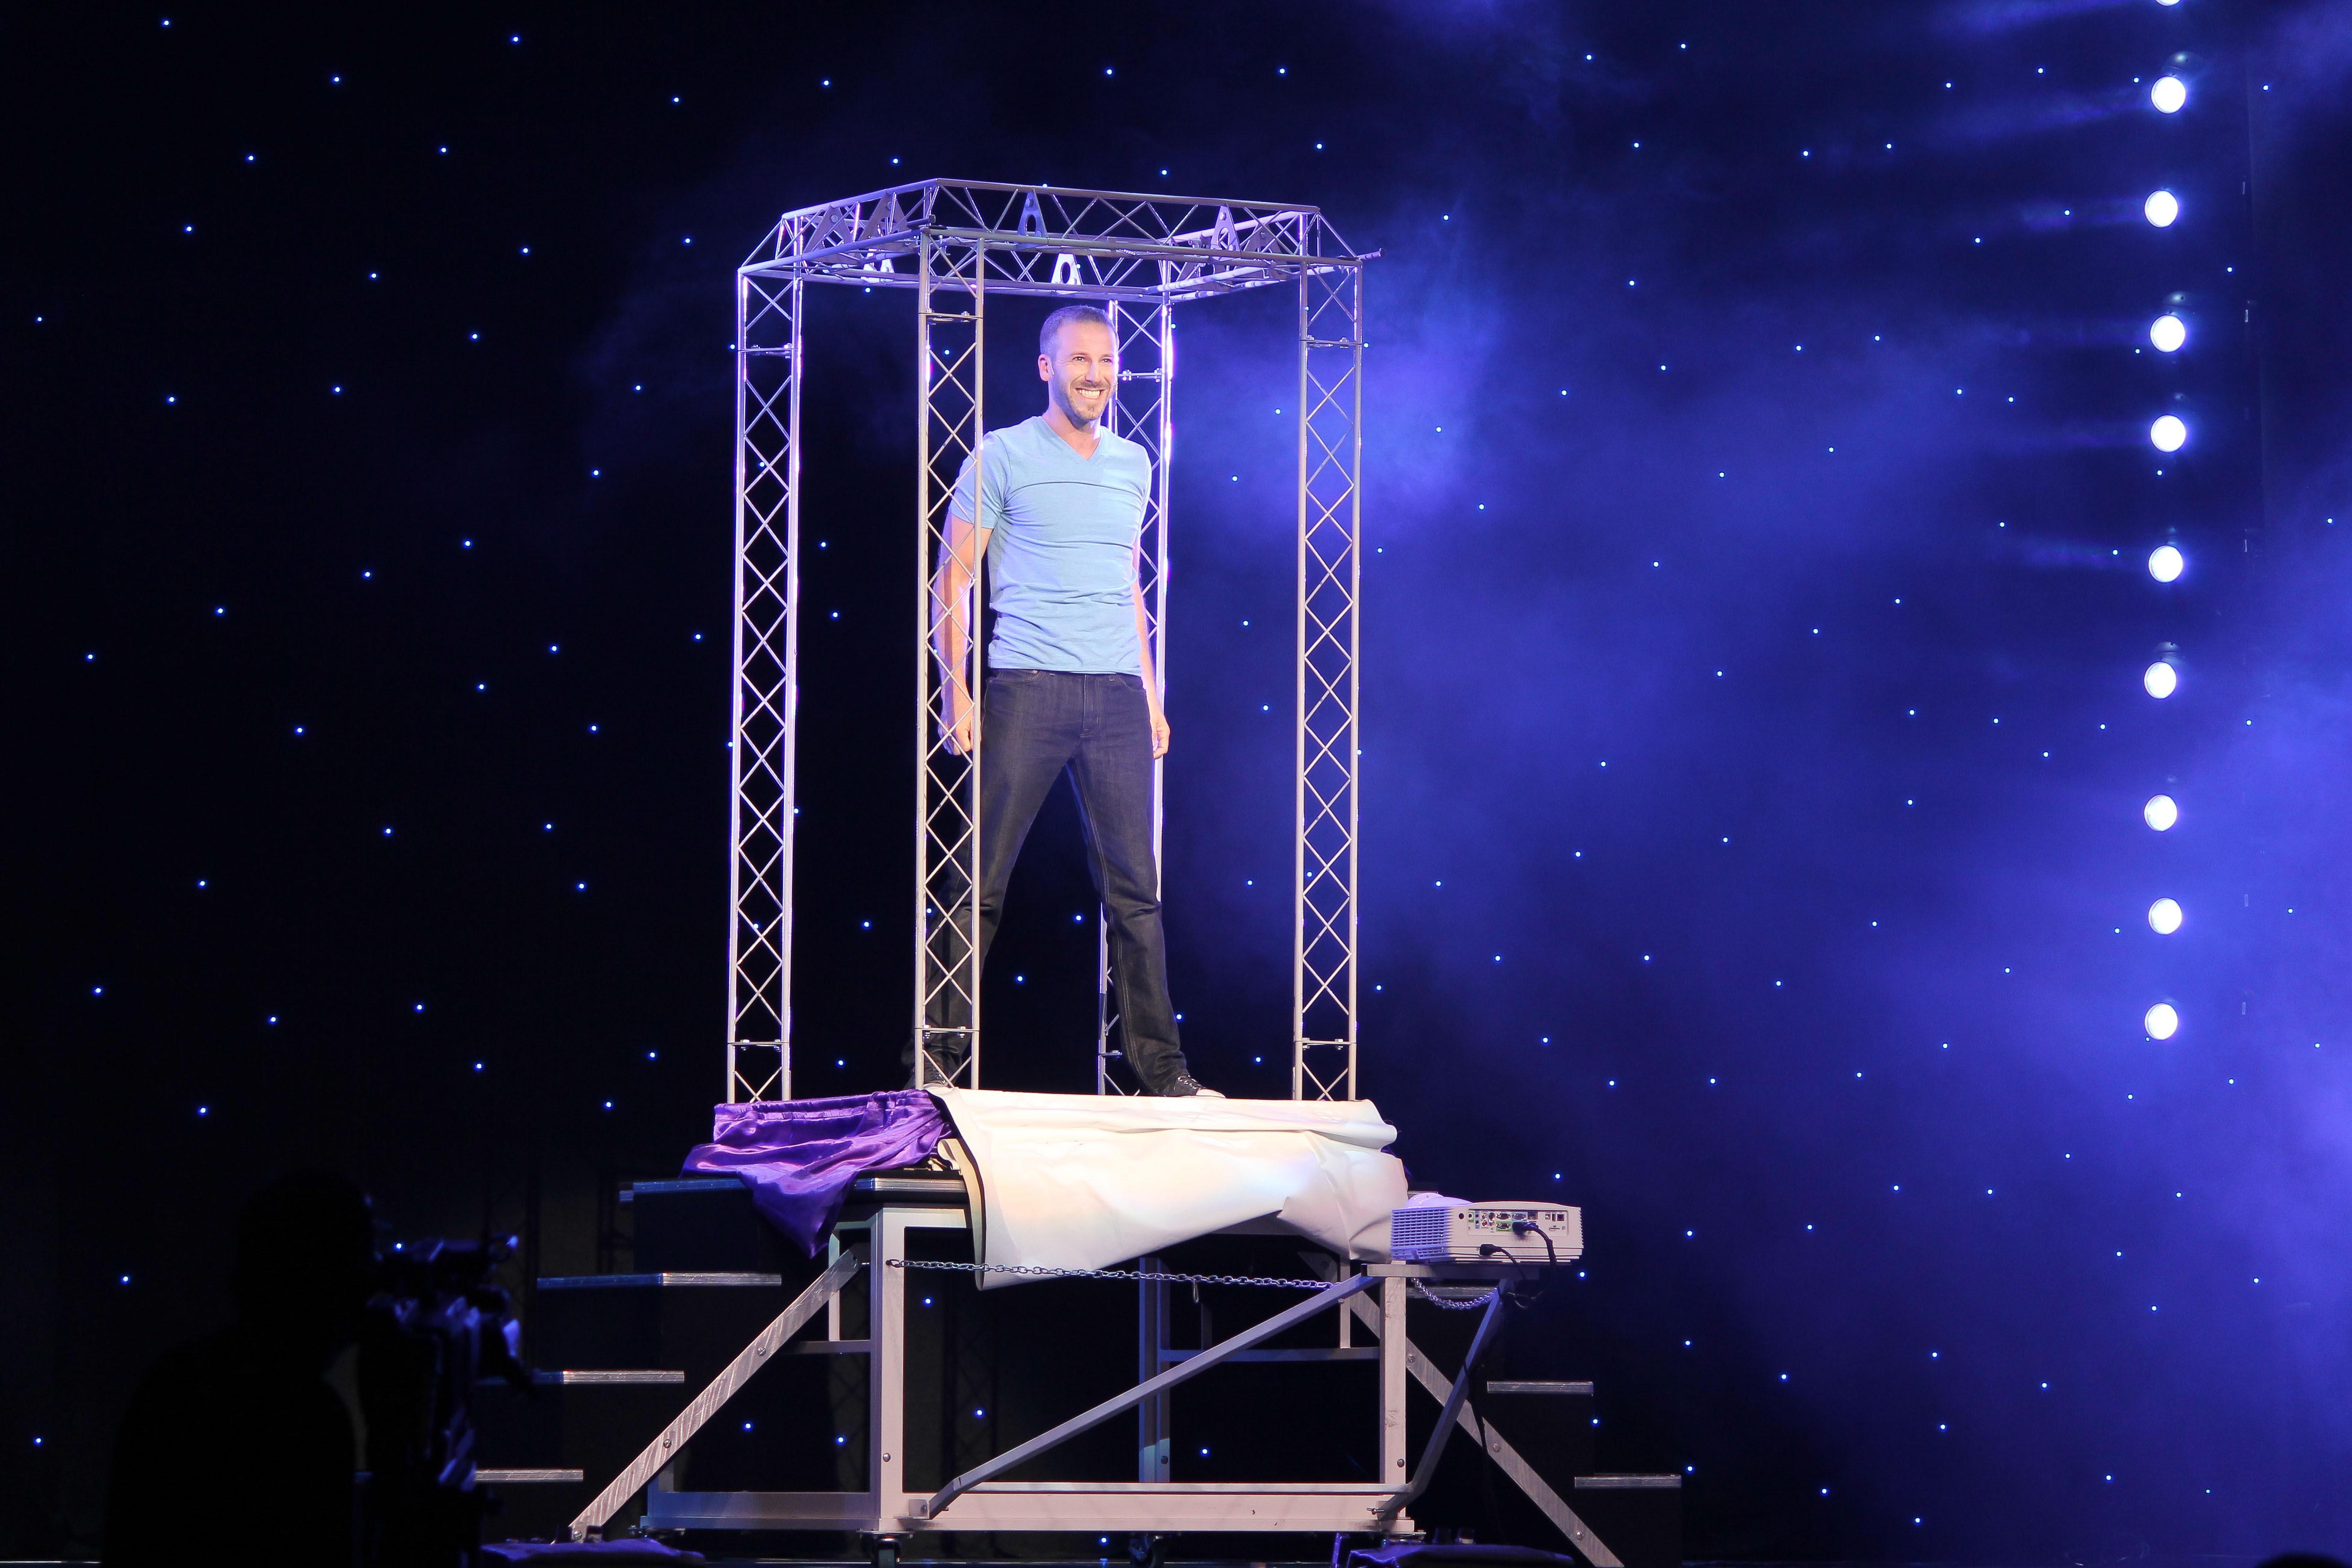 Scott Pepper Illusionist